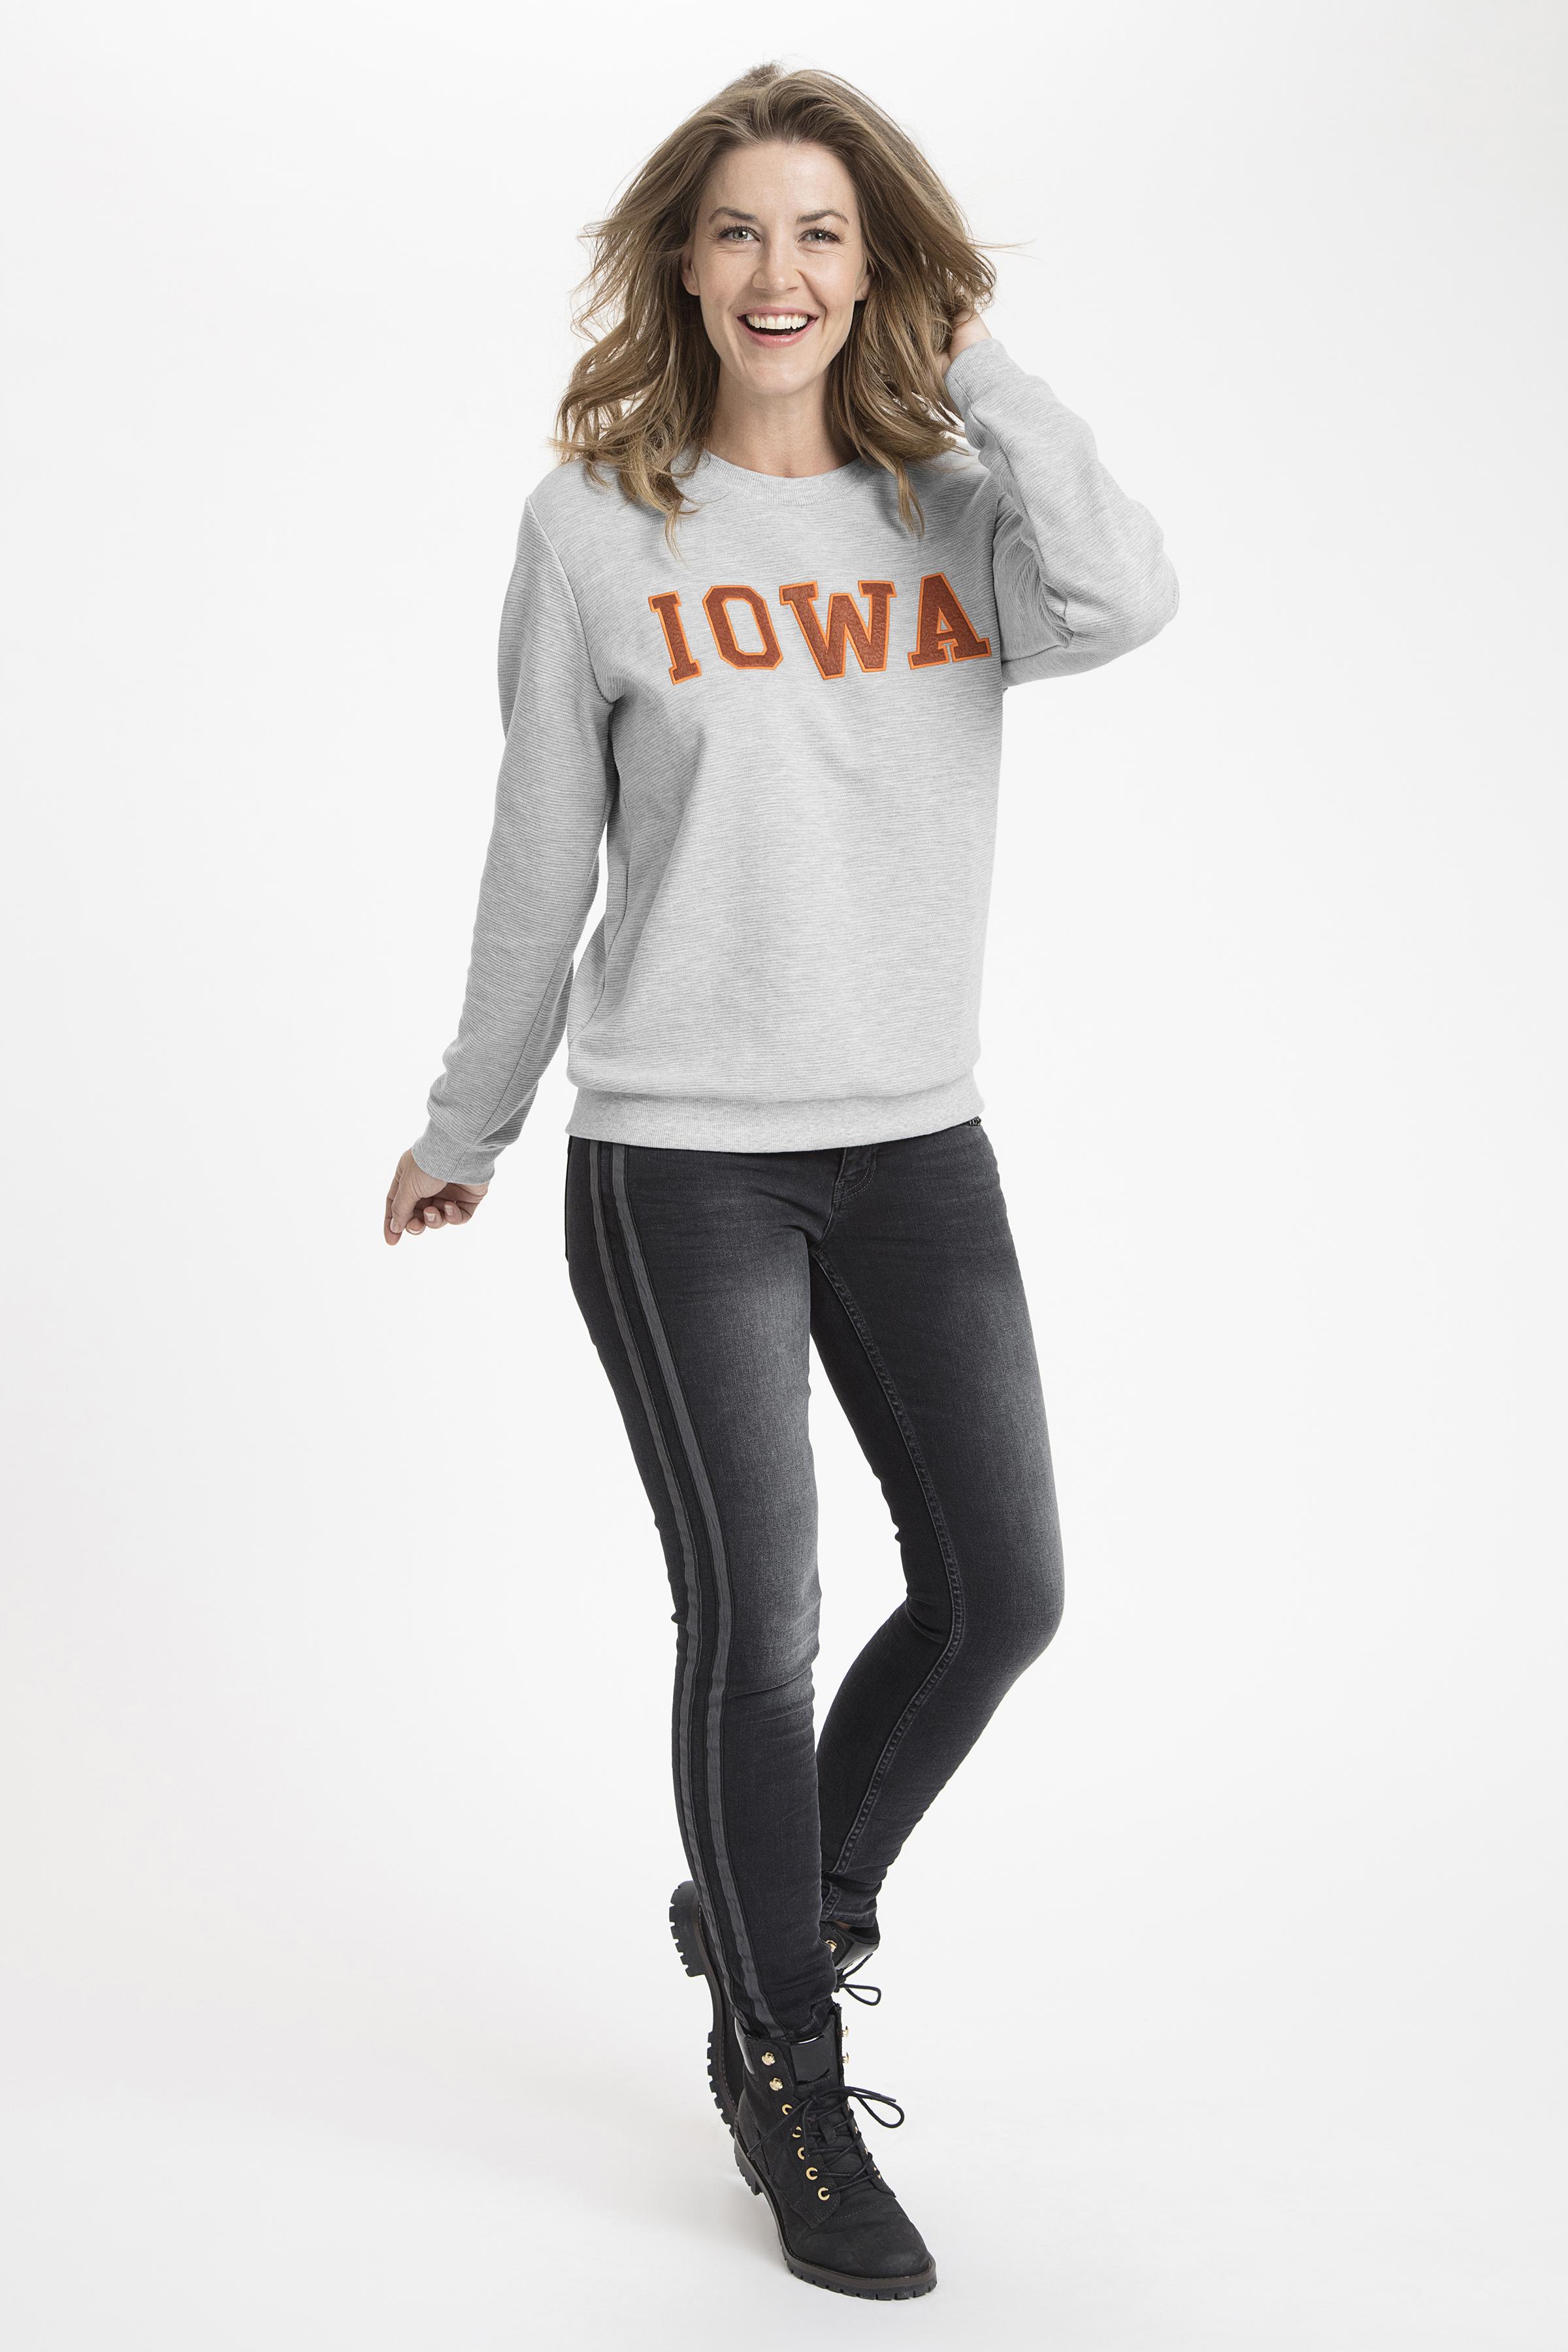 Grijsgemêleerd Sweatshirt van Kaffe – Door Grijsgemêleerd Sweatshirt van maat. XS-XXL hier